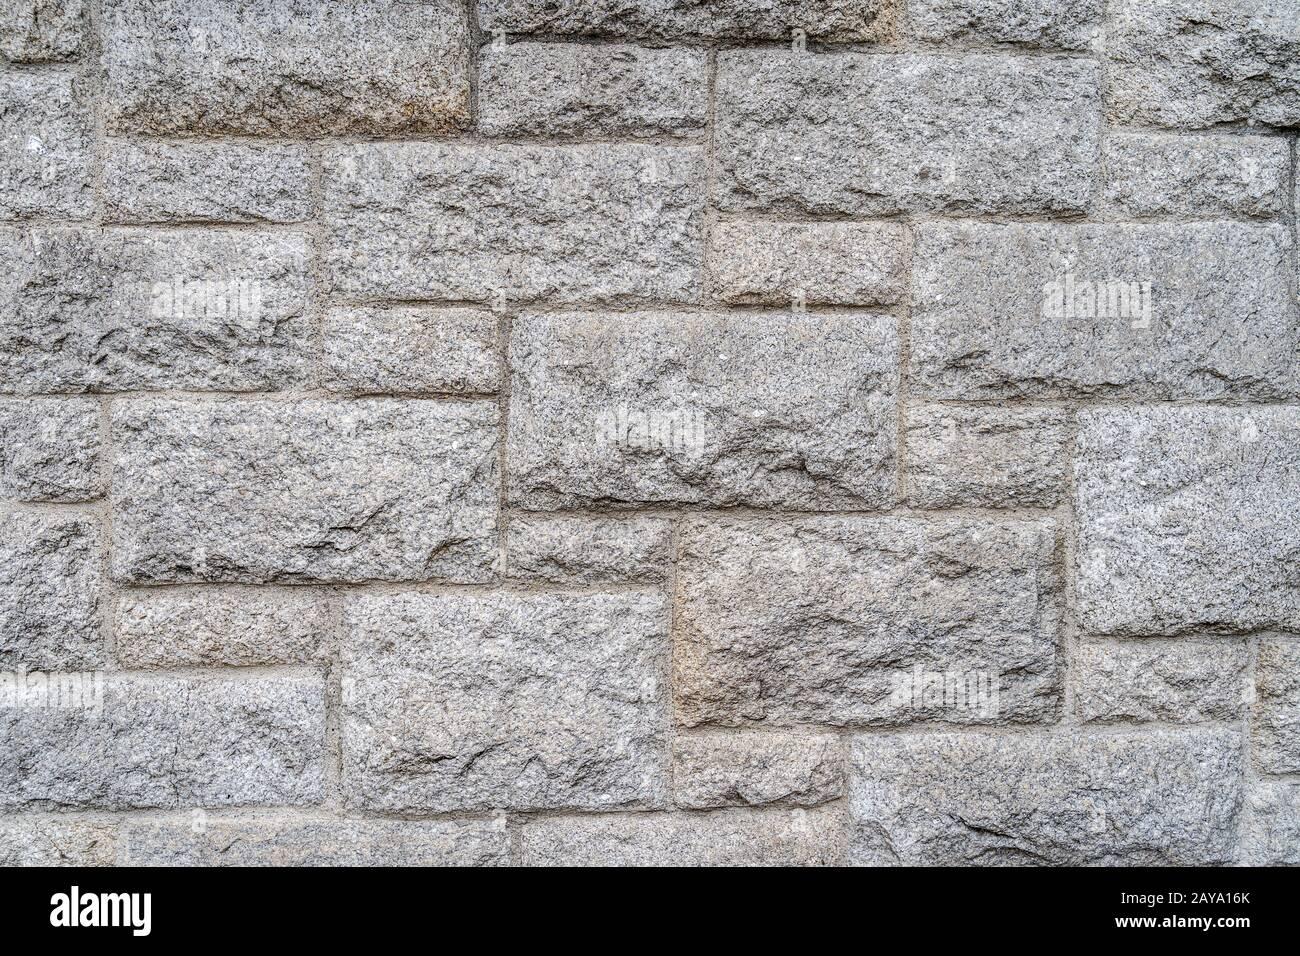 Hormigón envejecido con patrones y grietas. Textura y fondo de alta calidad Foto de stock